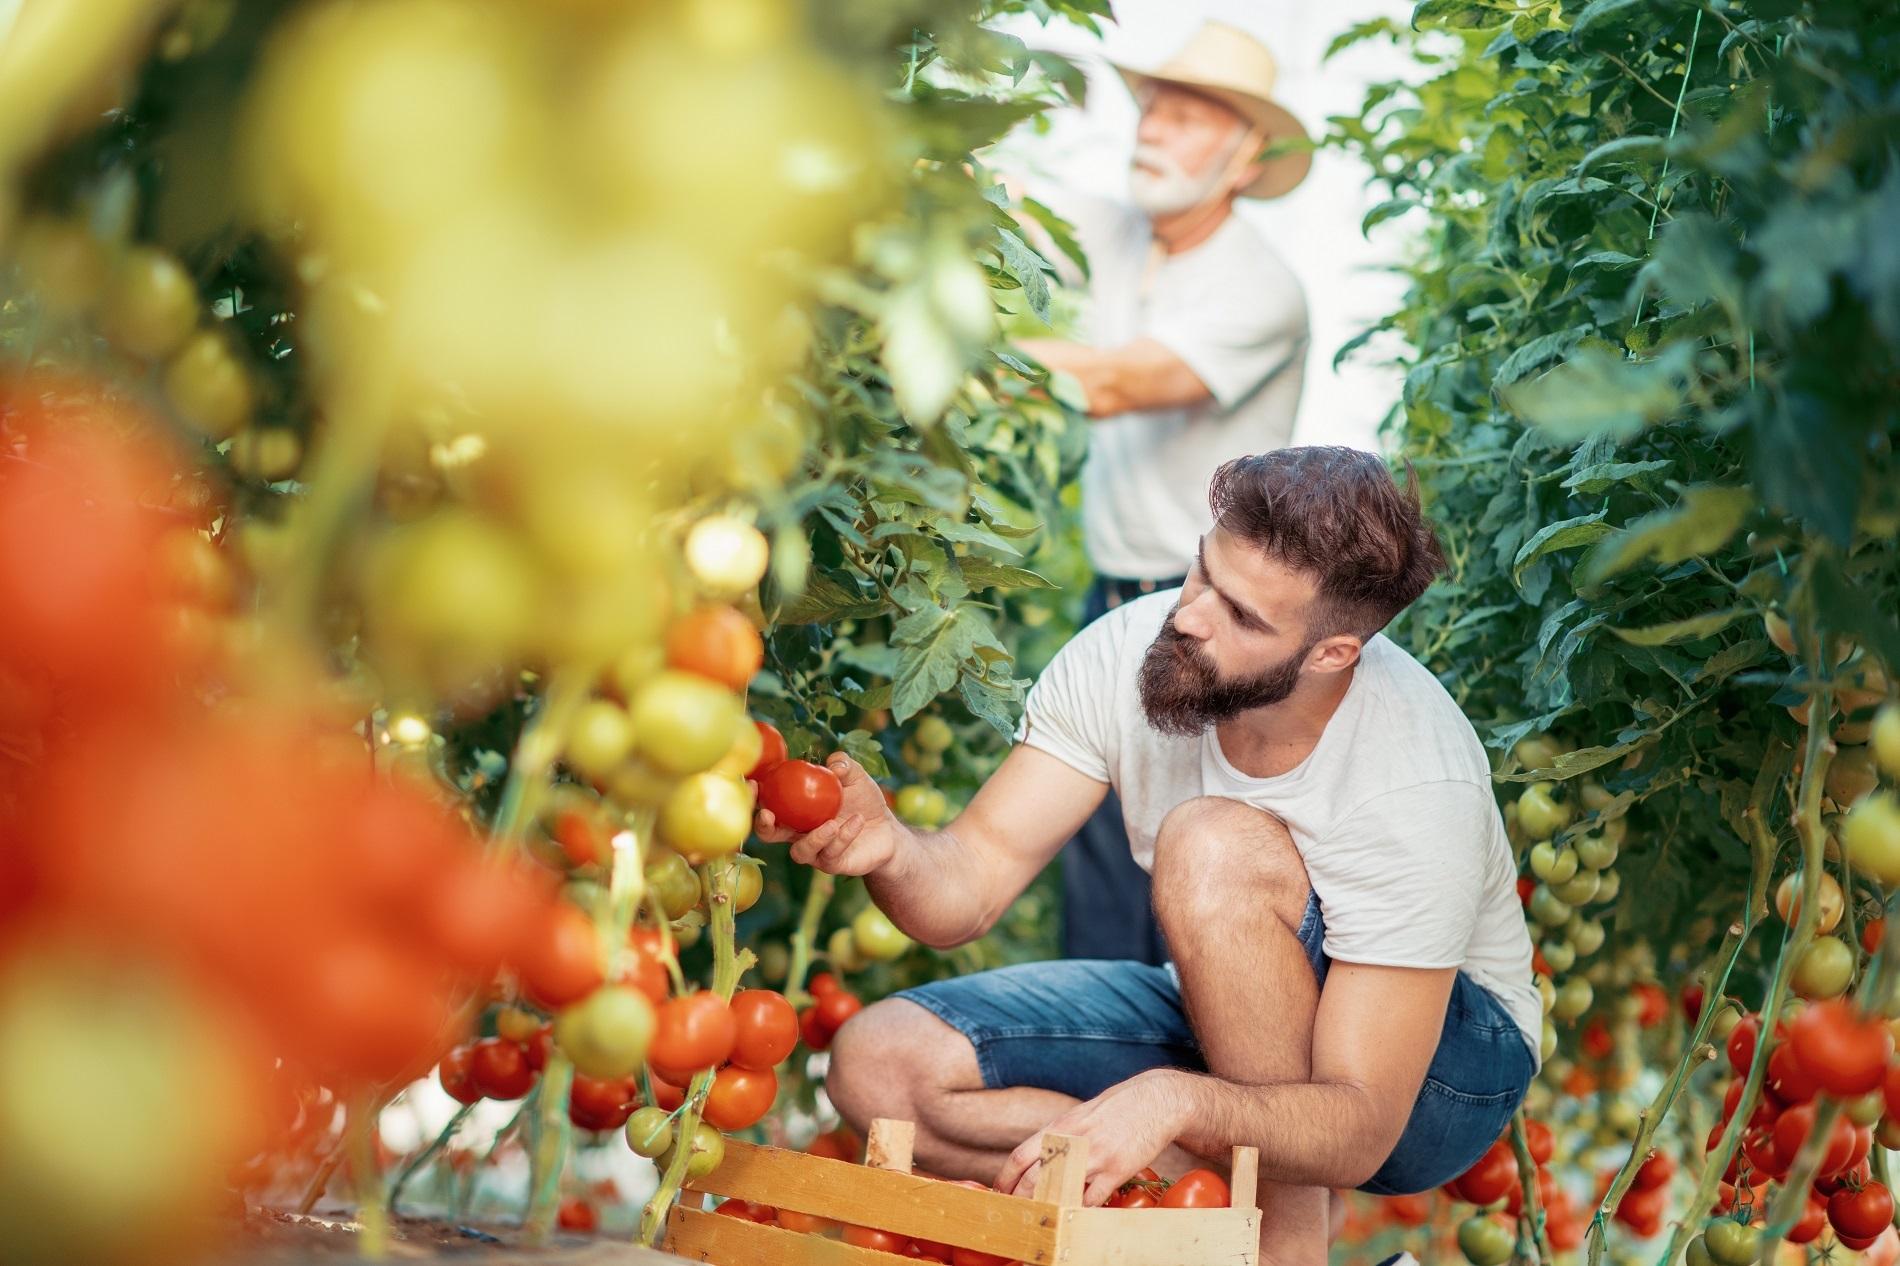 La agricultura familiar como pilar básico para garantizar nuestro bienestar